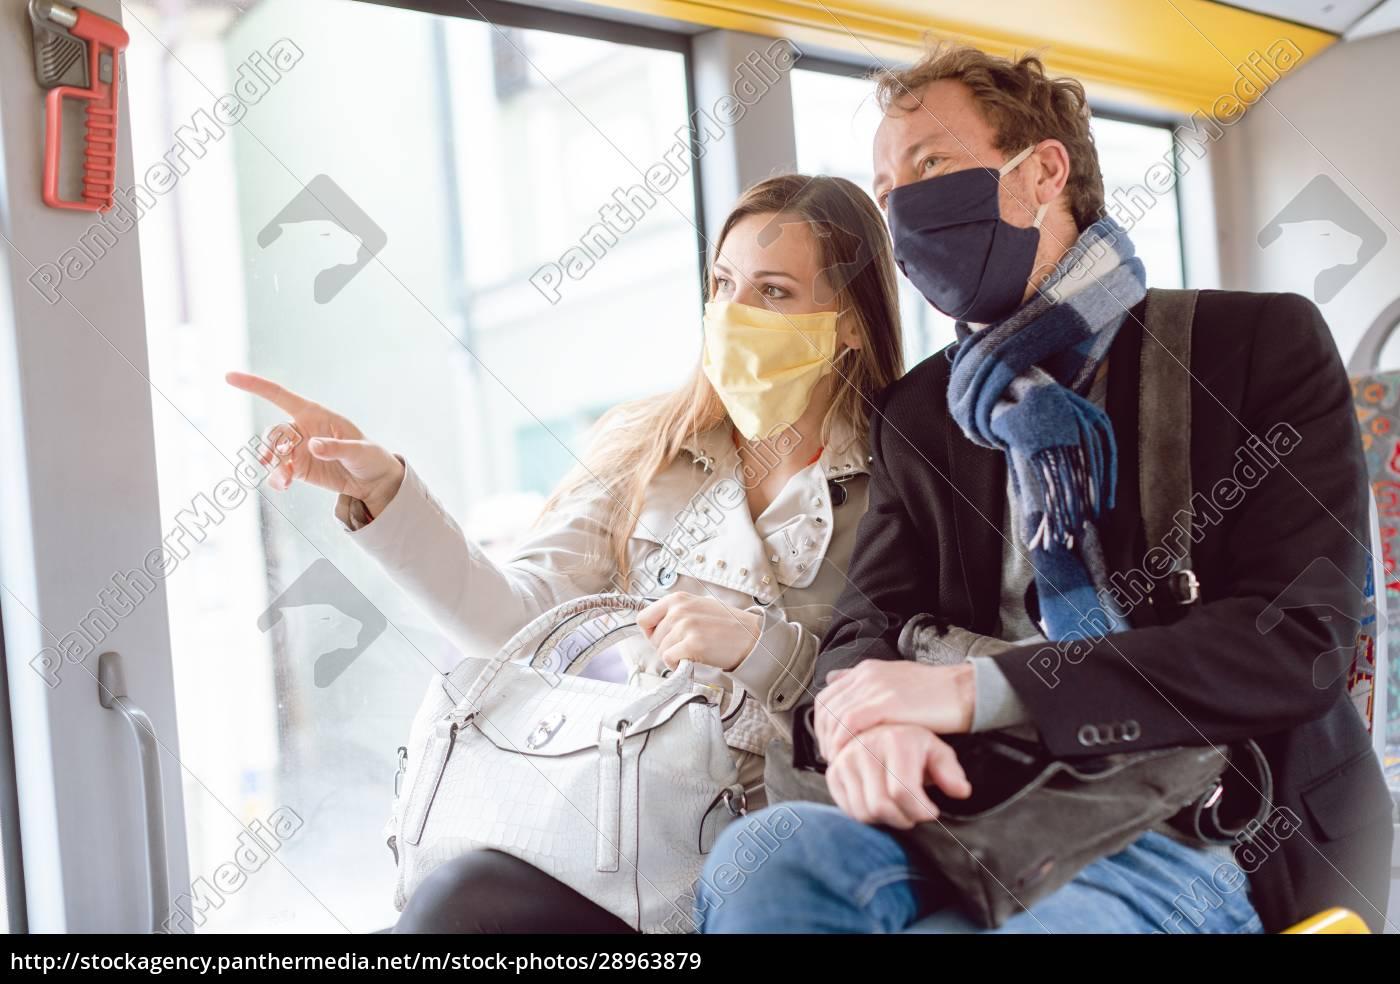 coppia, in, autobus, con, trasporto, pubblico - 28963879